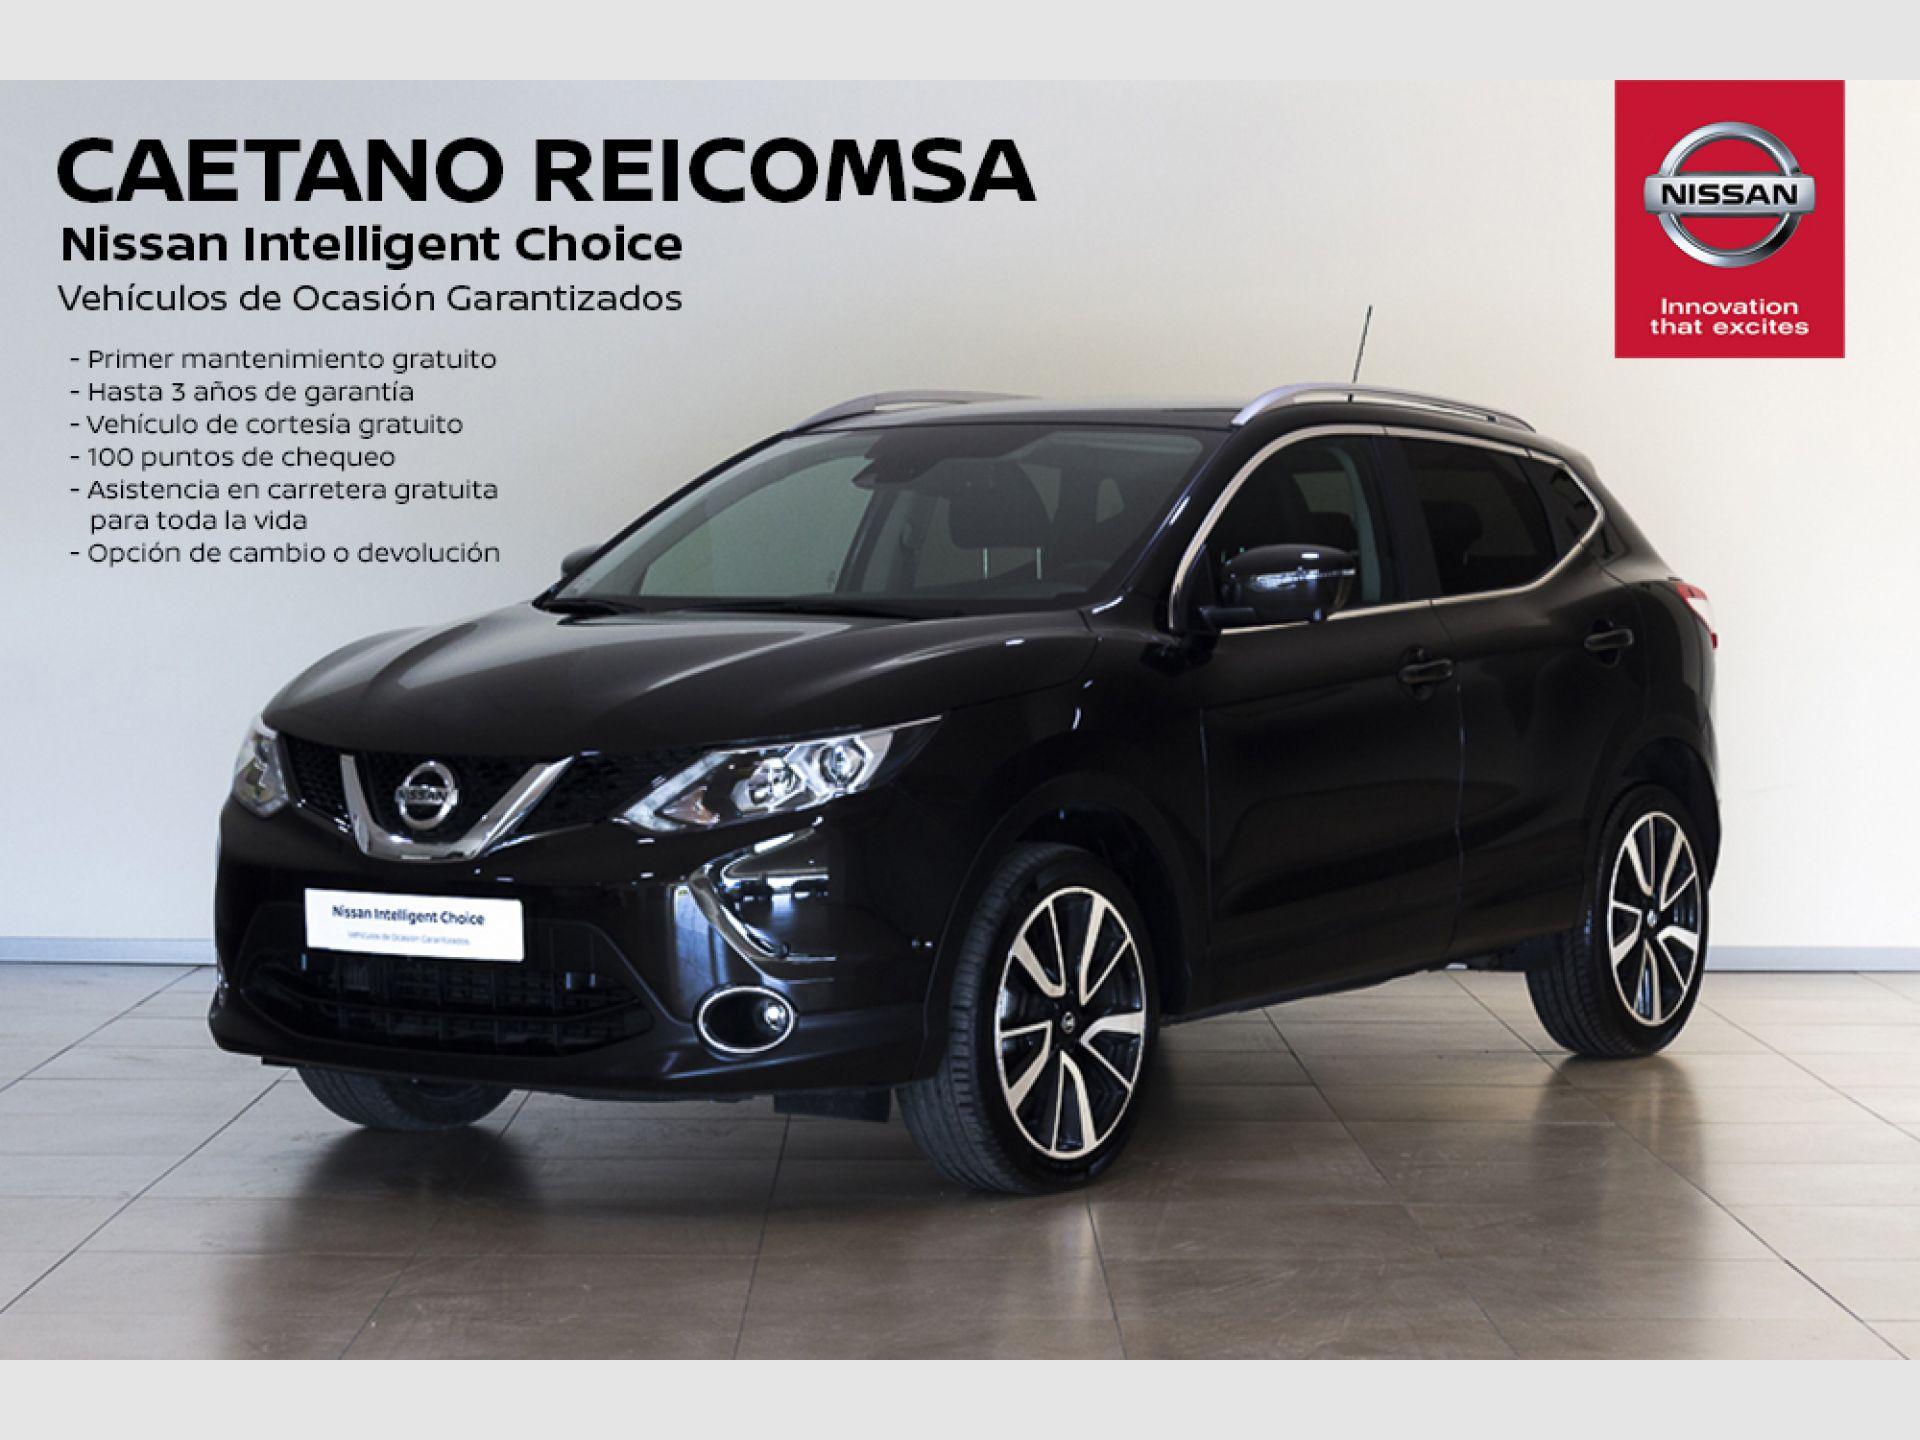 Nissan Qashqai 1.6dCi S&S TEKNA PREM 4x2 XTRONIC Piel segunda mano Madrid